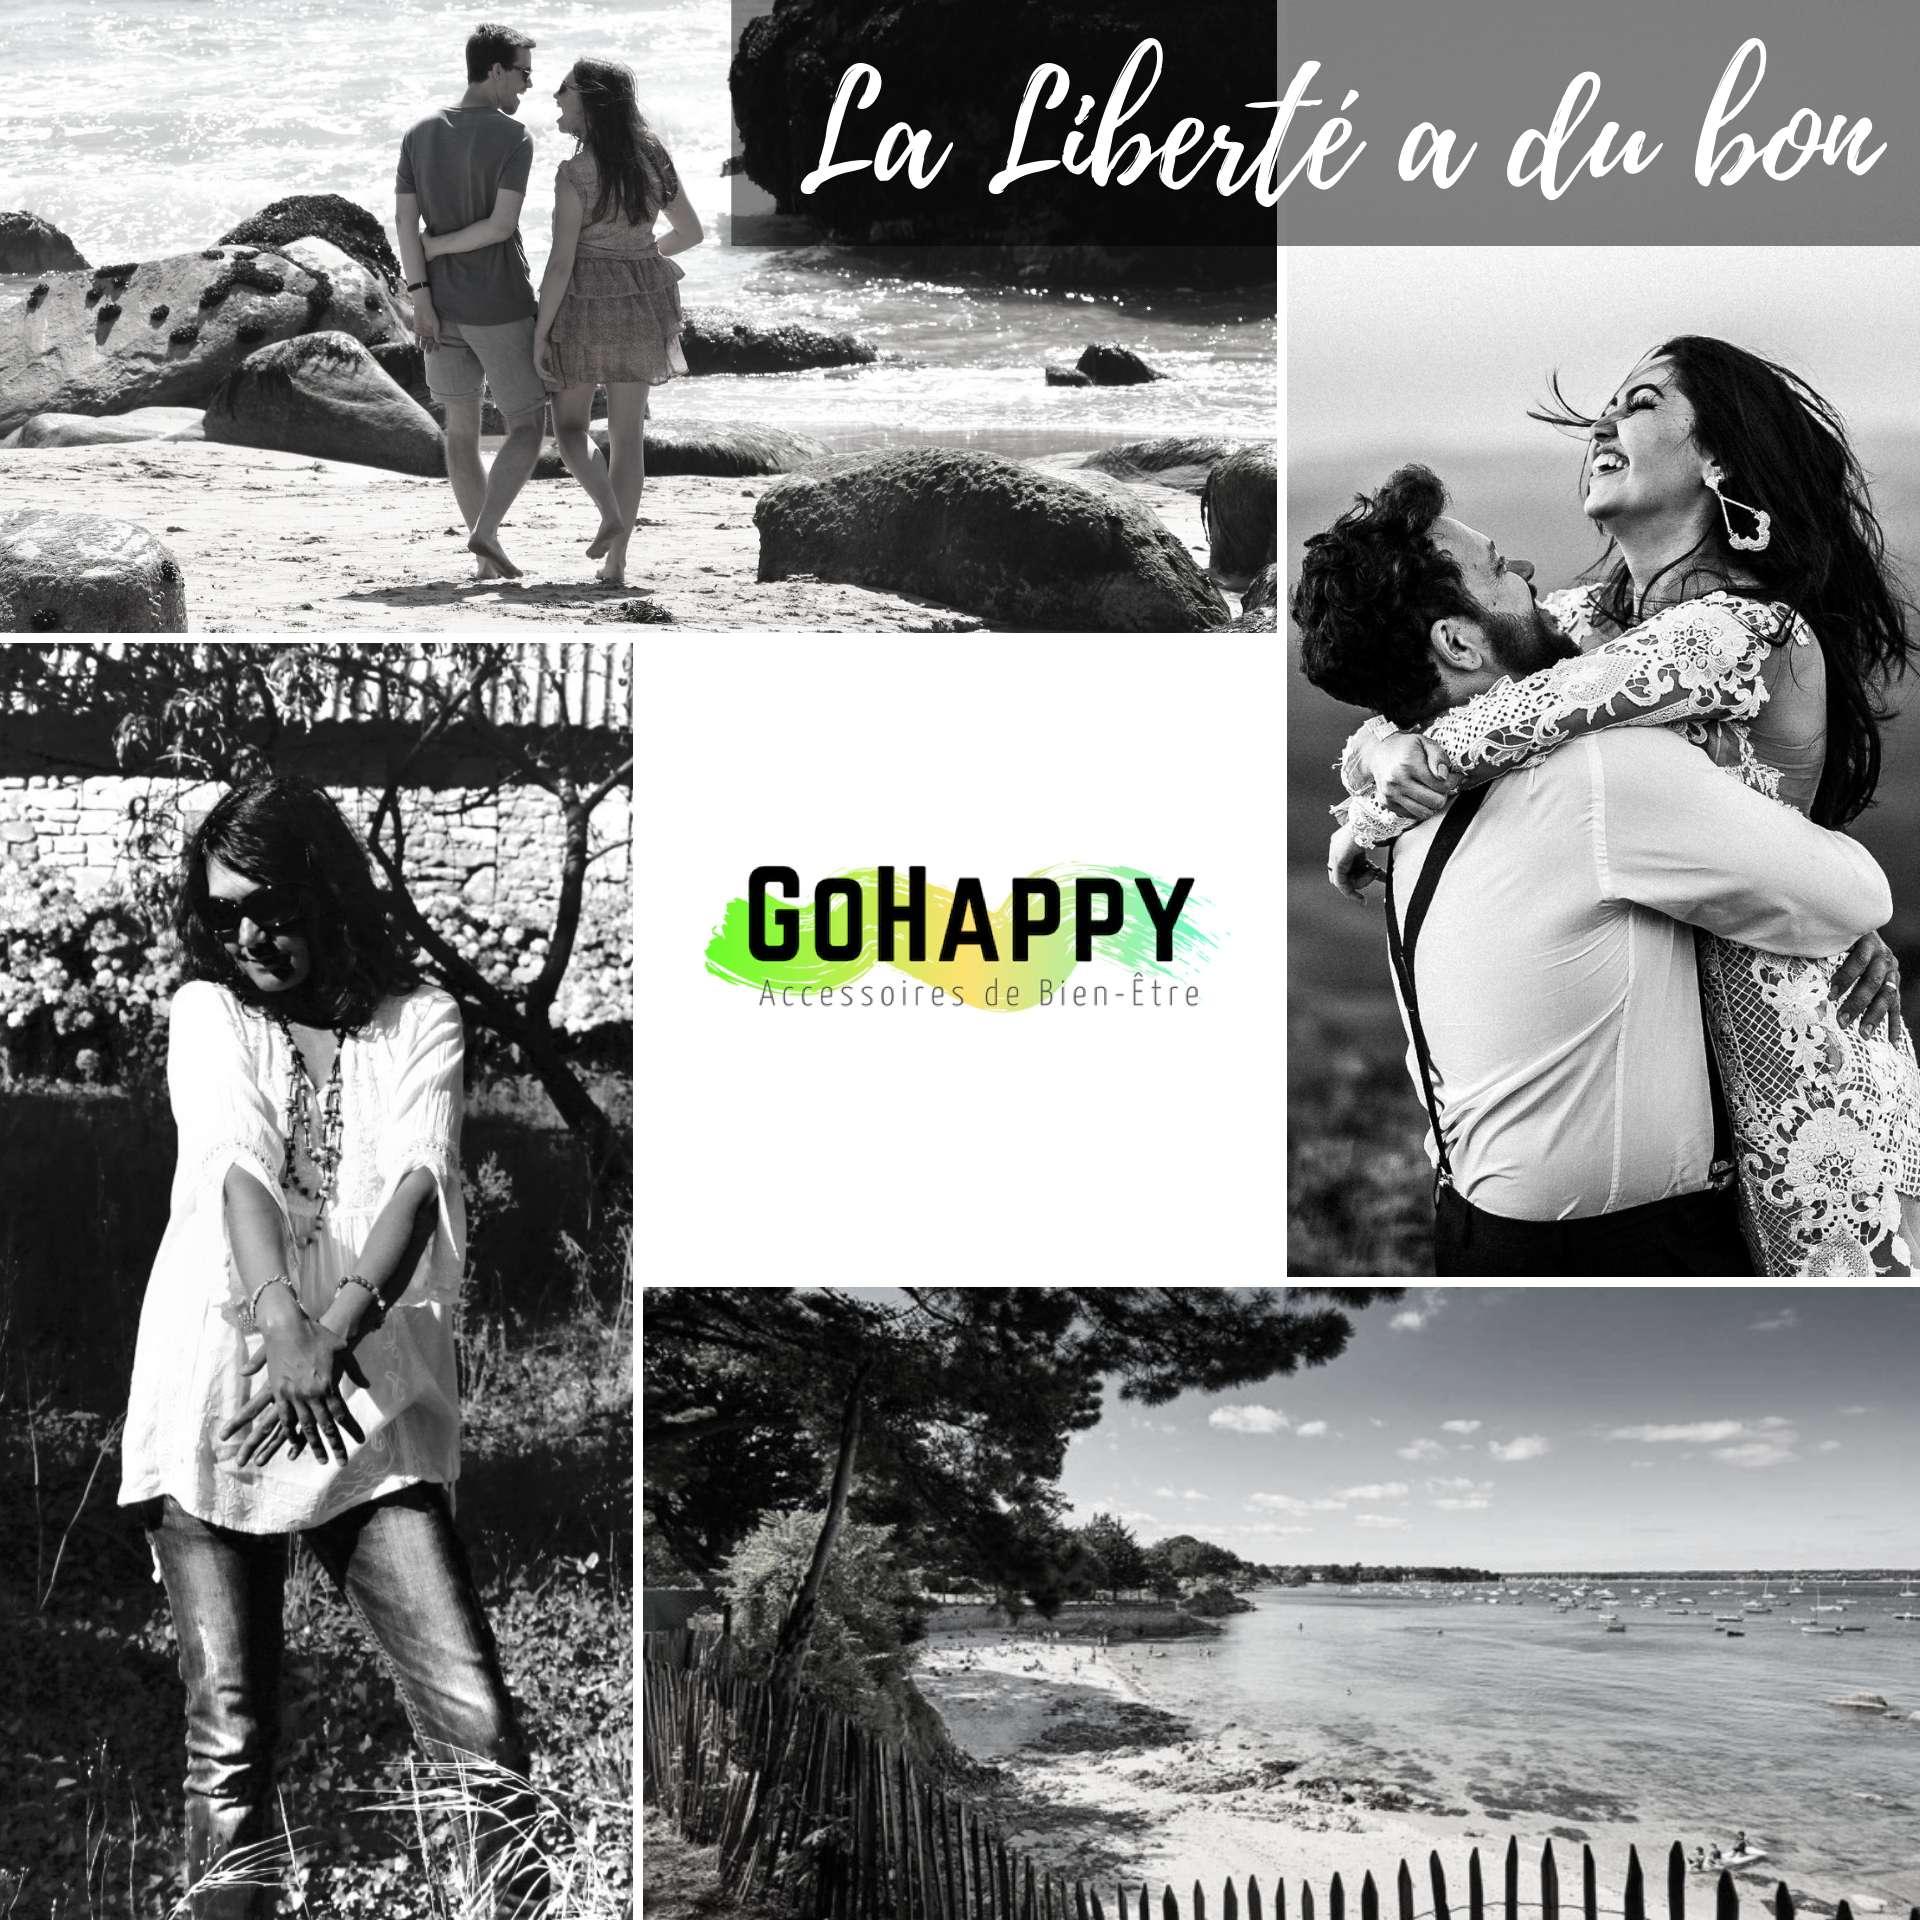 GoHappy Boutique accessoires de mode et de bonheur